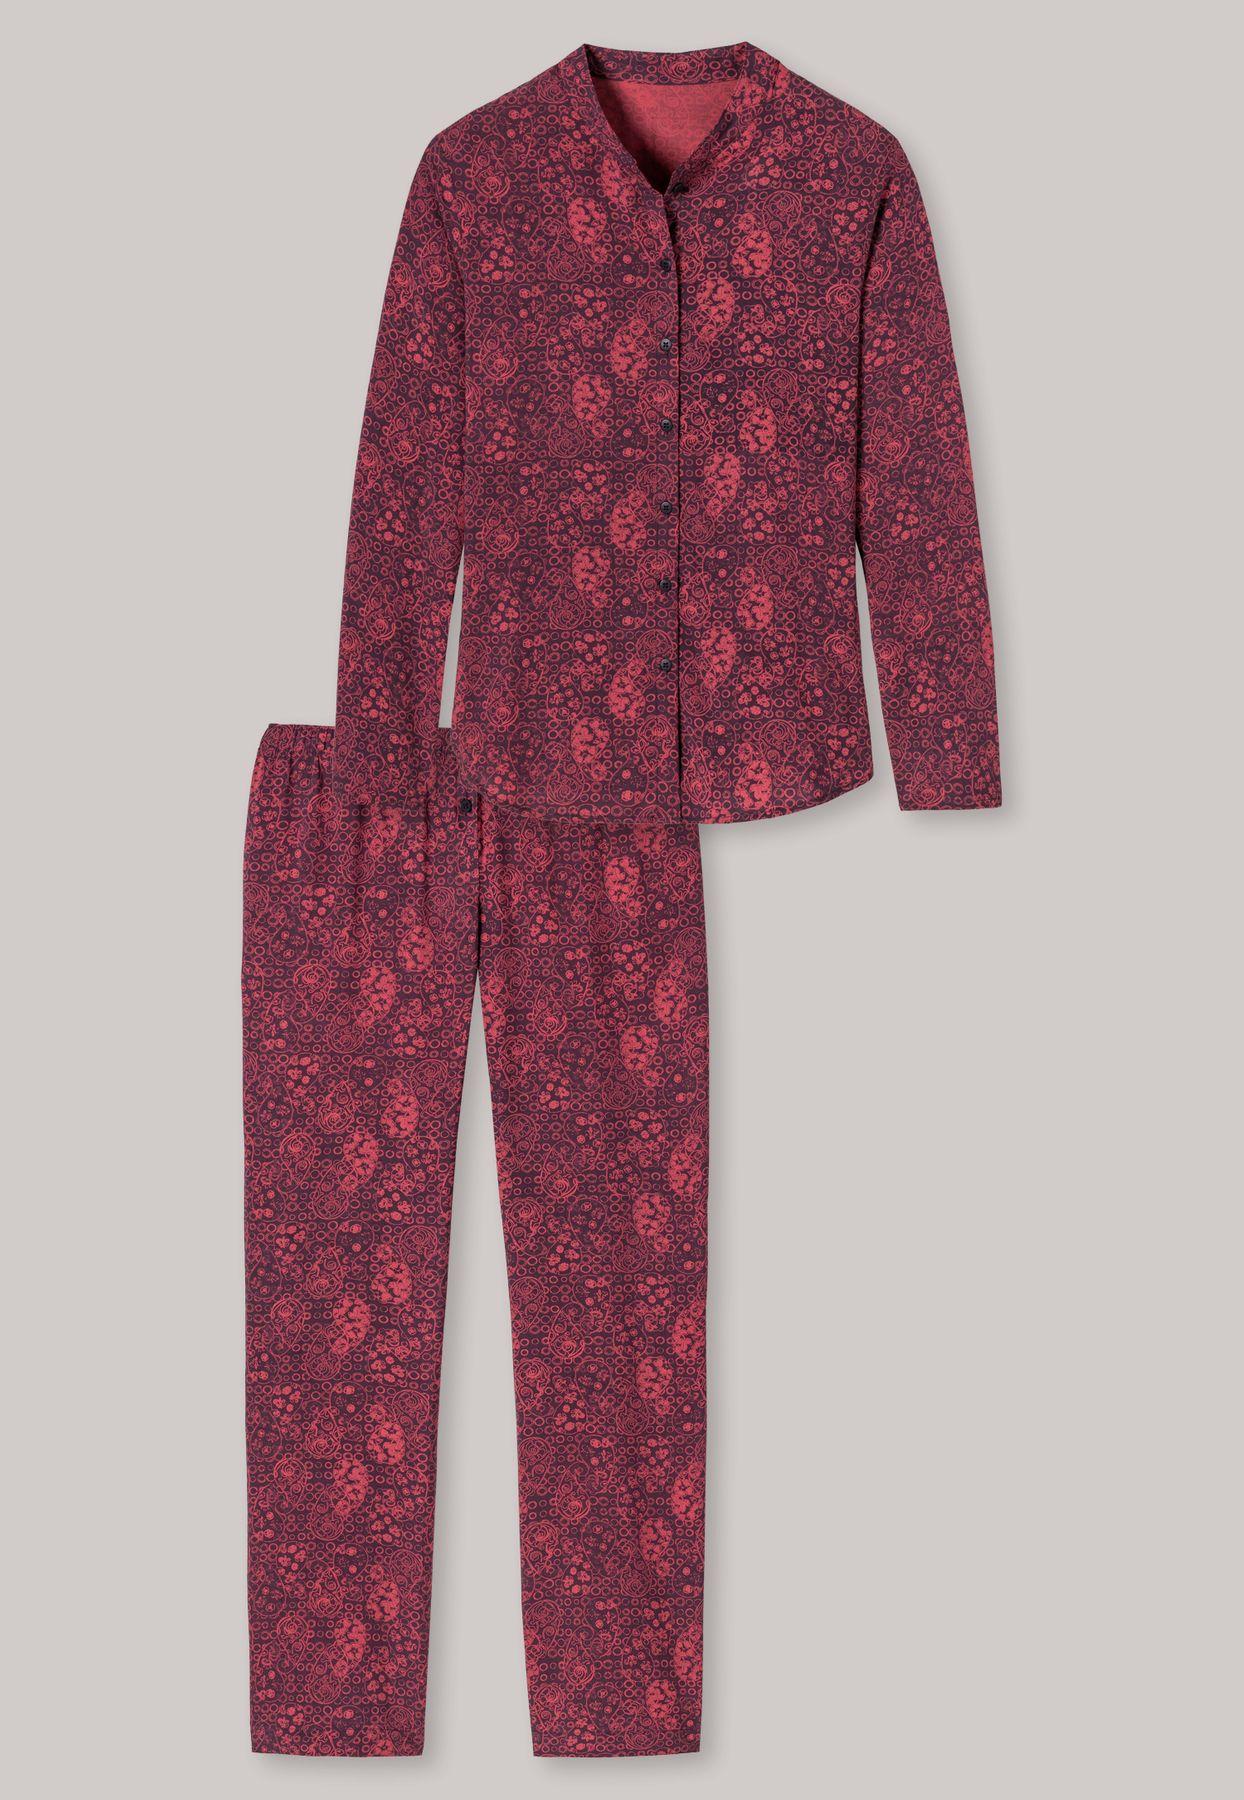 Schiesser - Damen Pyjama lang Webware Viskose floraler Print brombeere - Allure (163033-530) – Bild 3